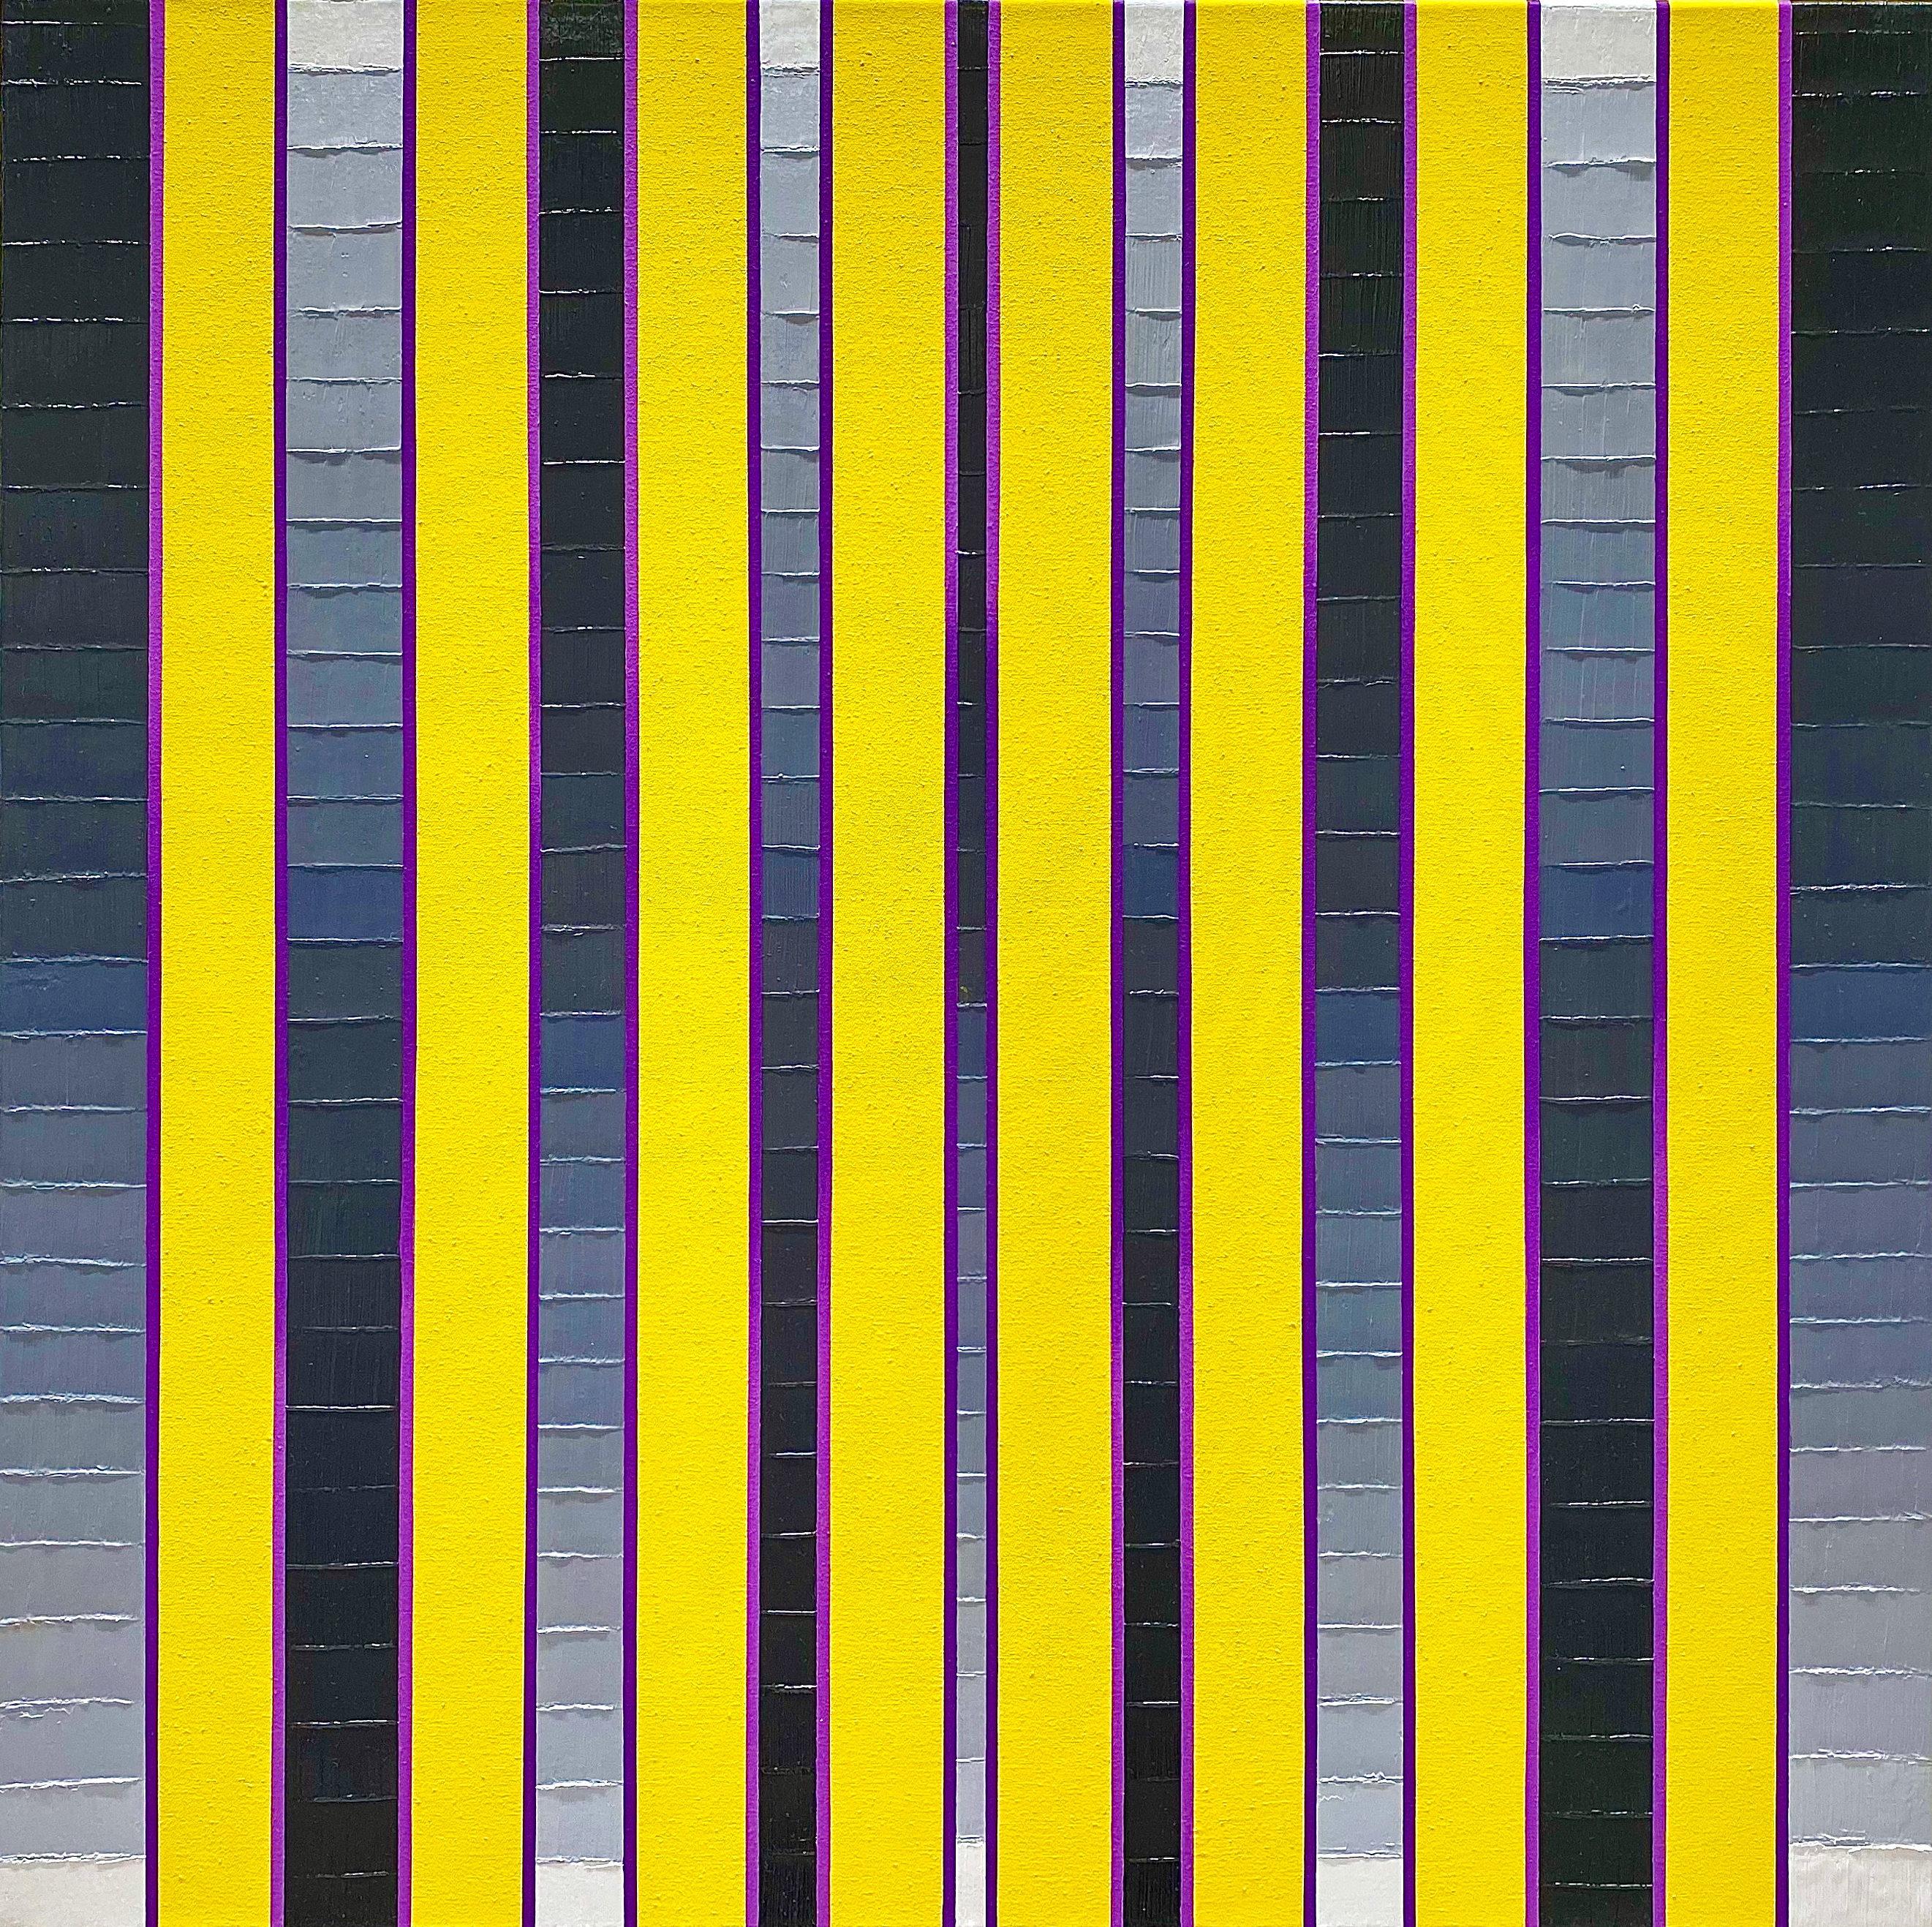 WAHRNEHMUNGSSTREIFEN 016 Leinwand : 70 x 70 x 2 cm Acrylic Oil on canvas